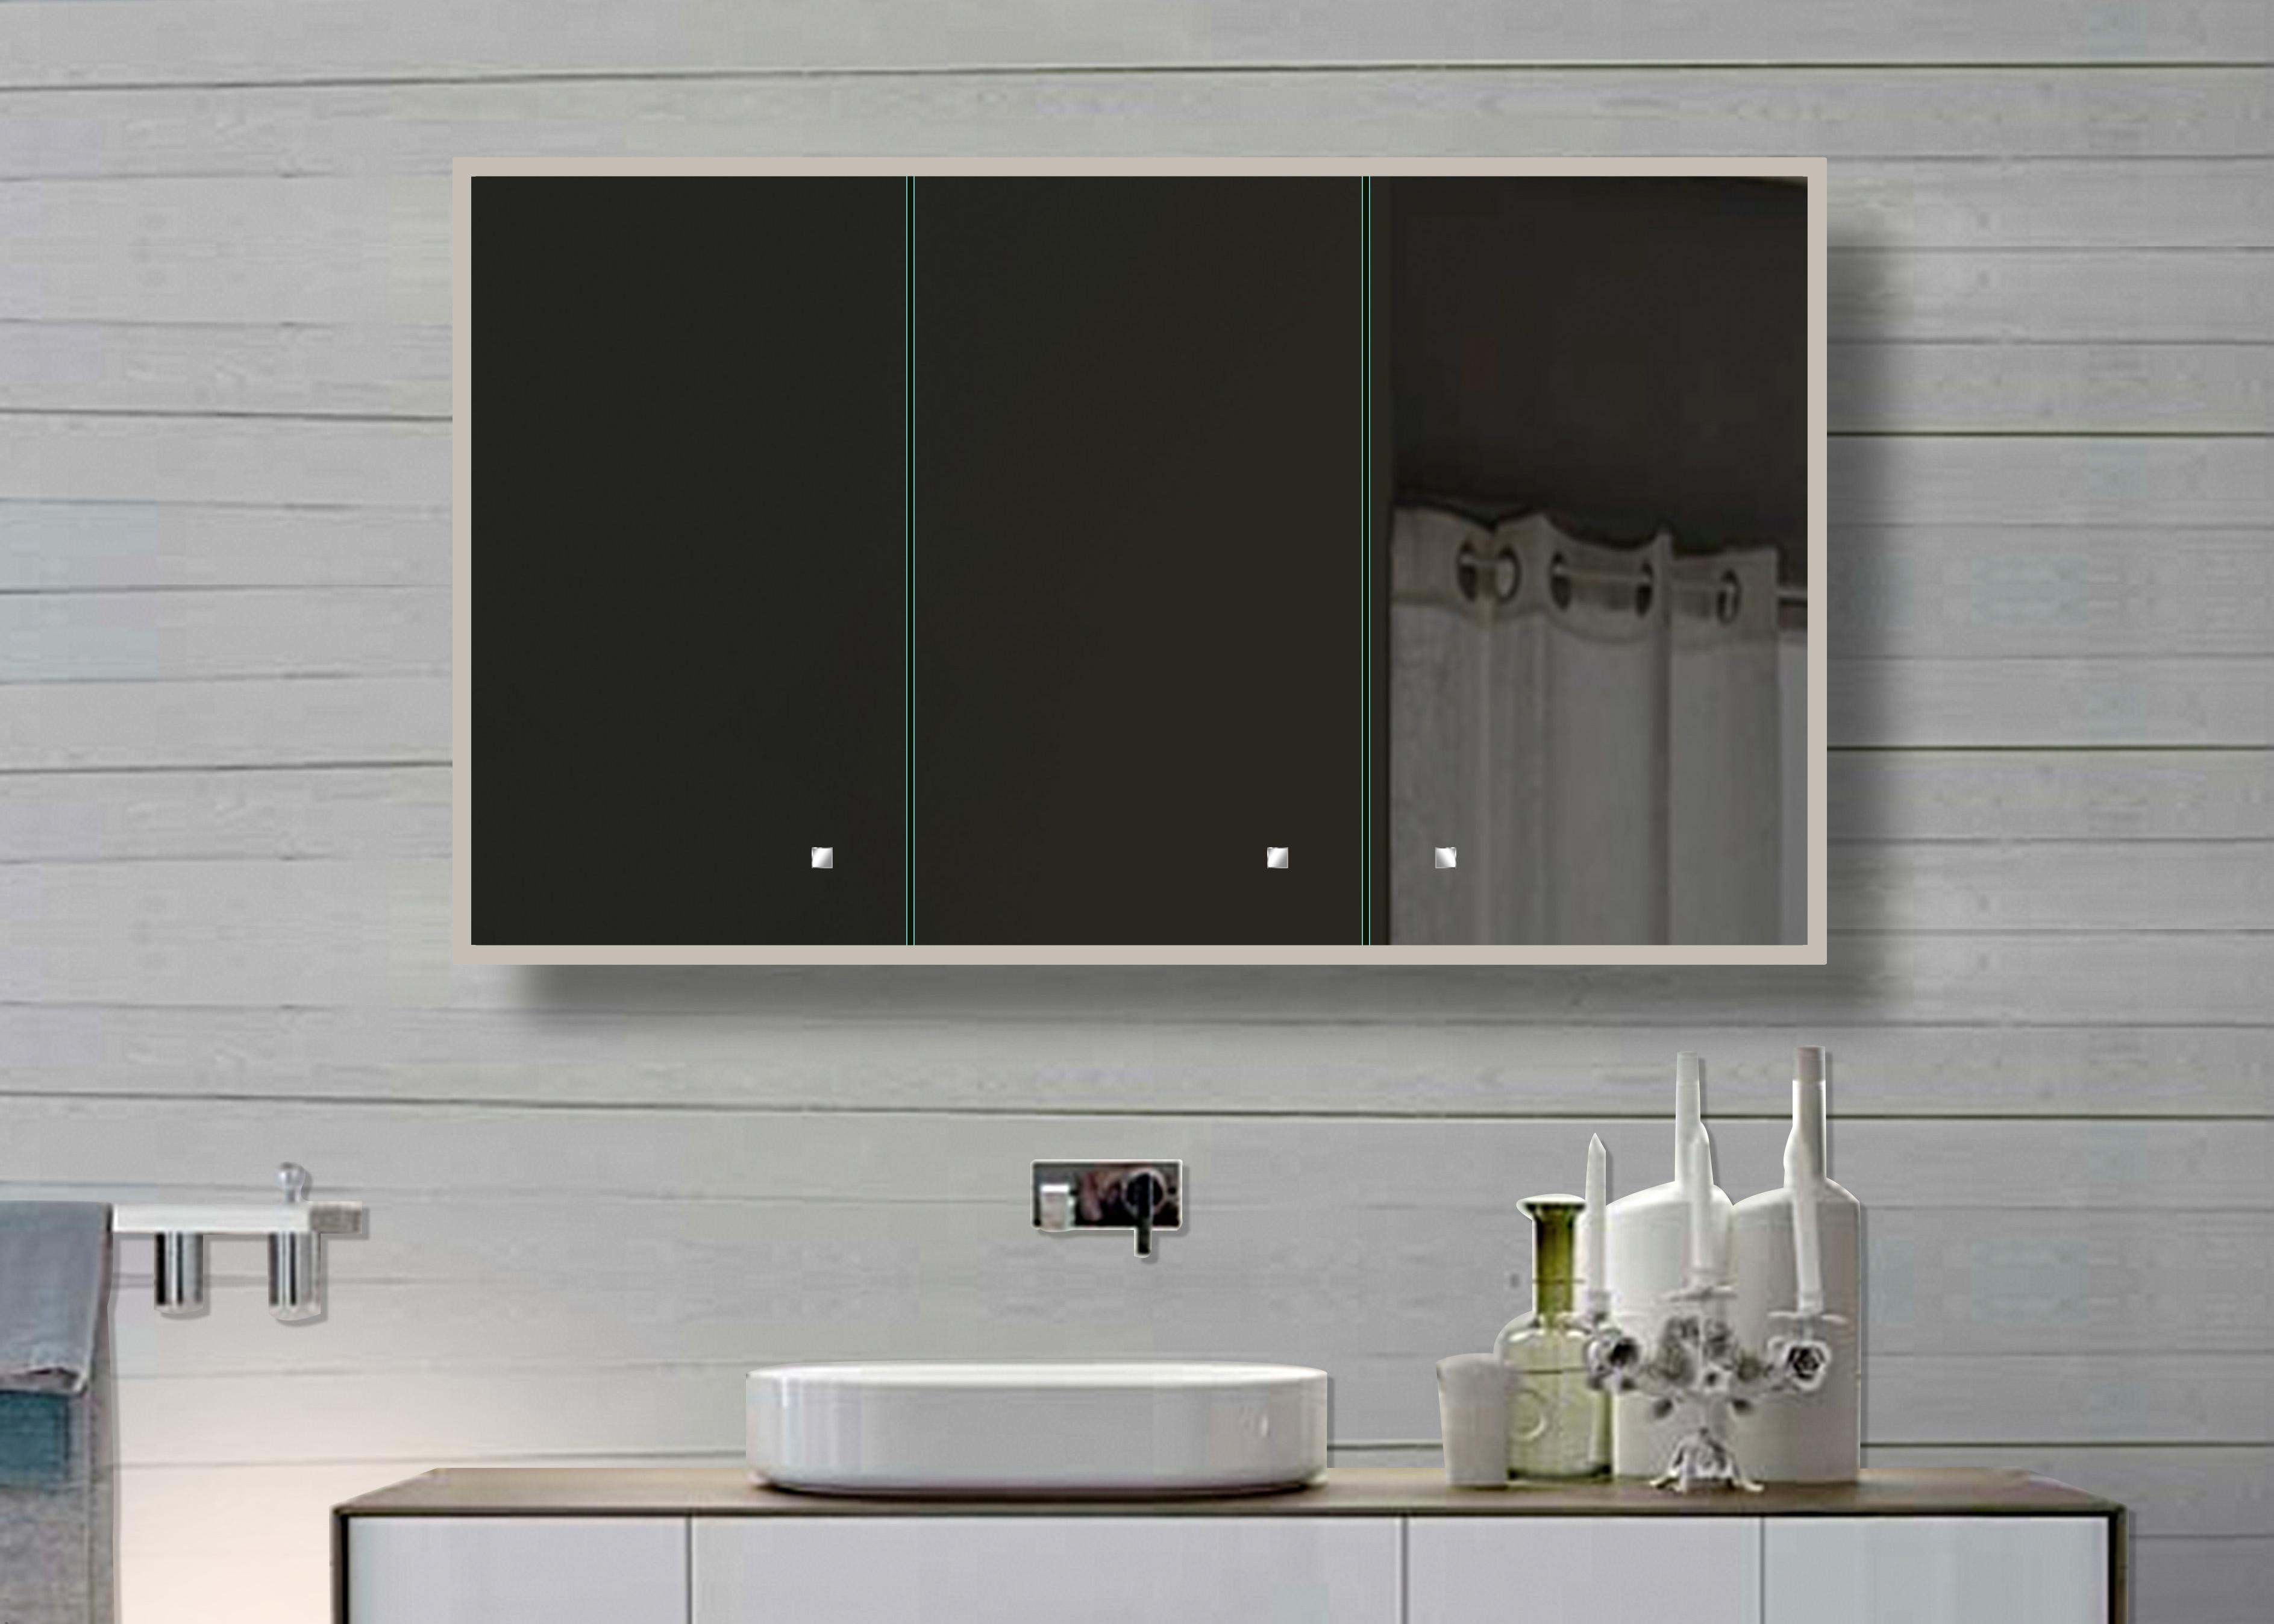 Weiß Aluminium LED Beleuchtung Badezimmer Spiegelschrank SAC120H70 120x70cm